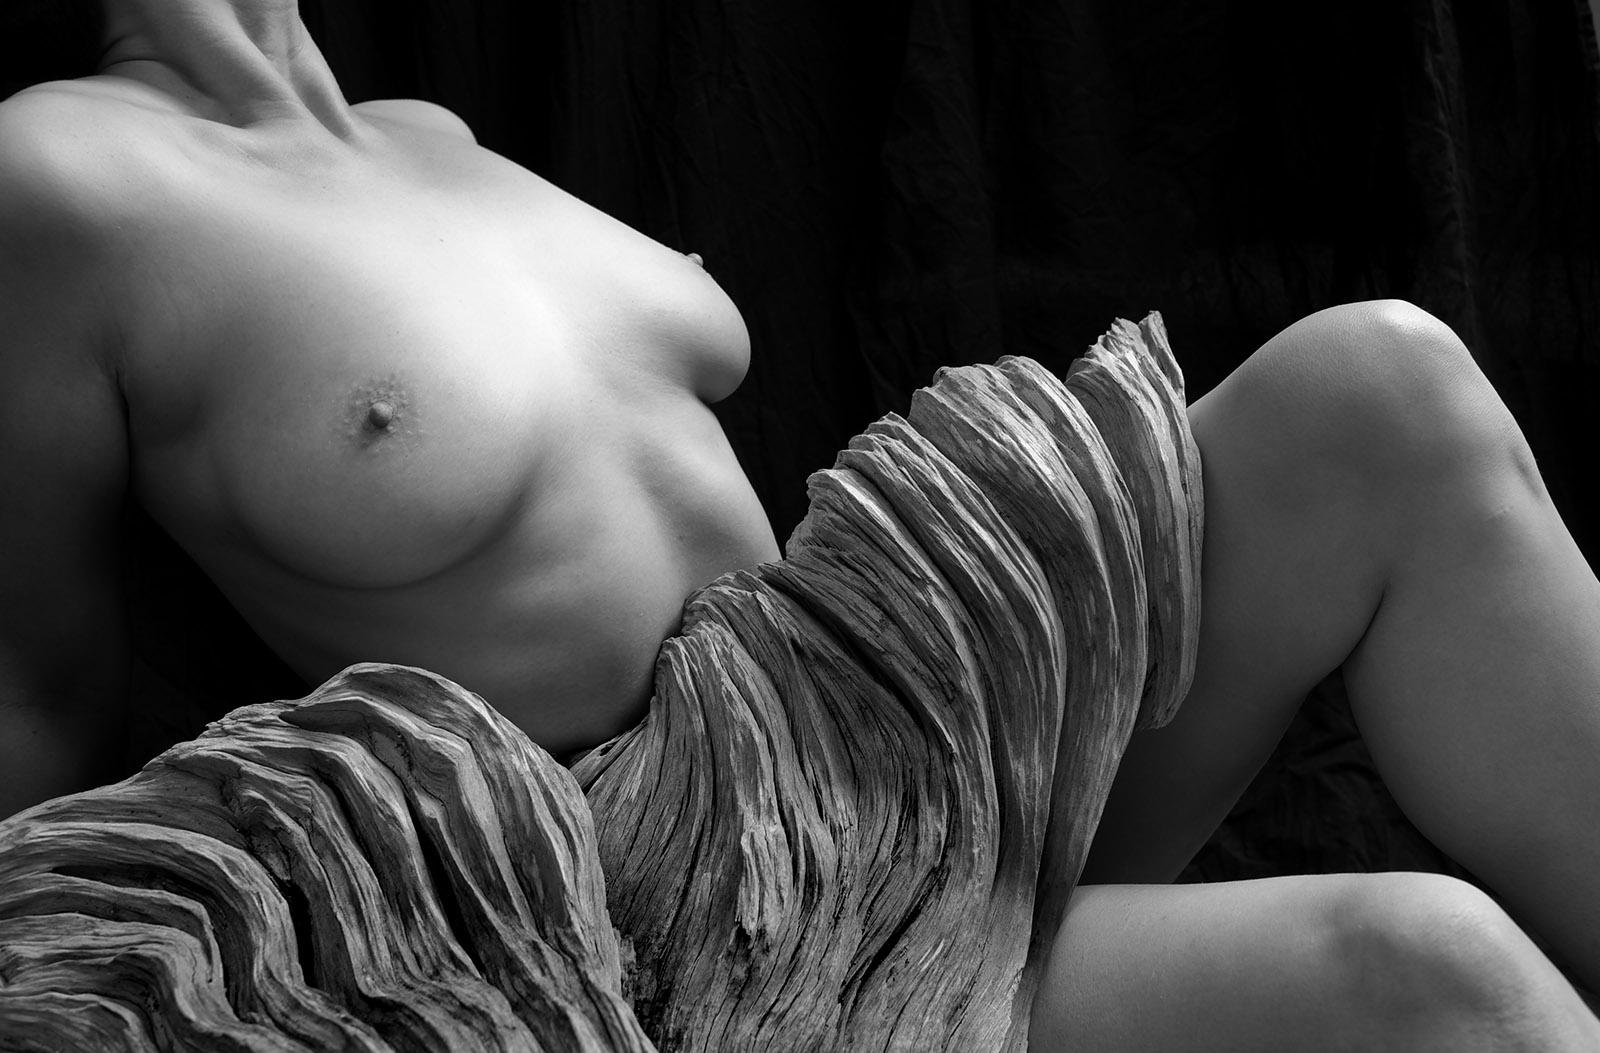 Photo by Frank Baudino